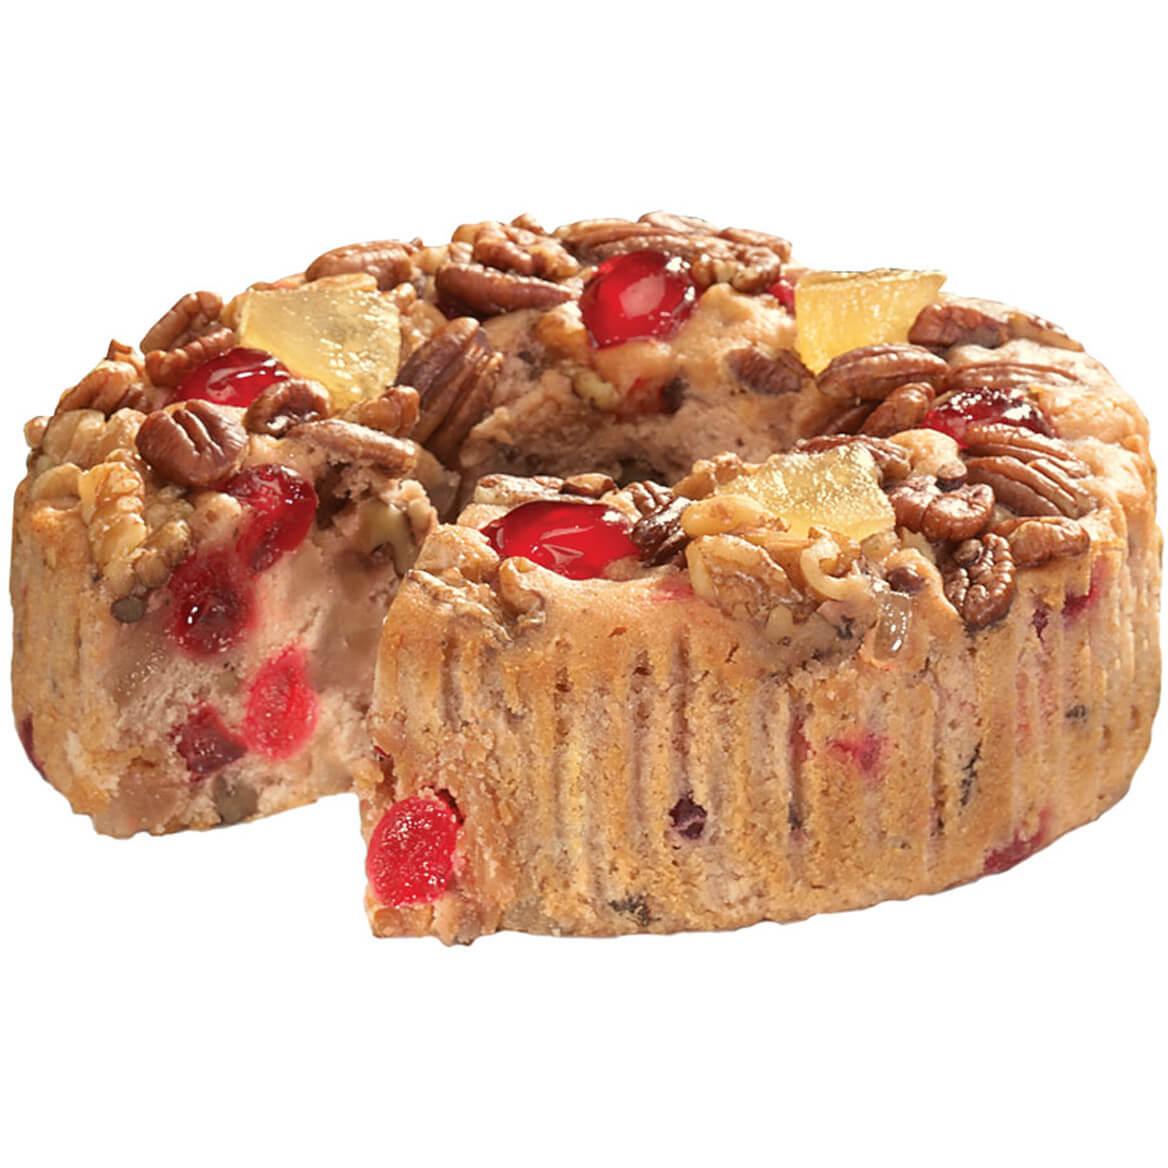 Mrs. Kimballs Classic Fruit Cake 2 lb.